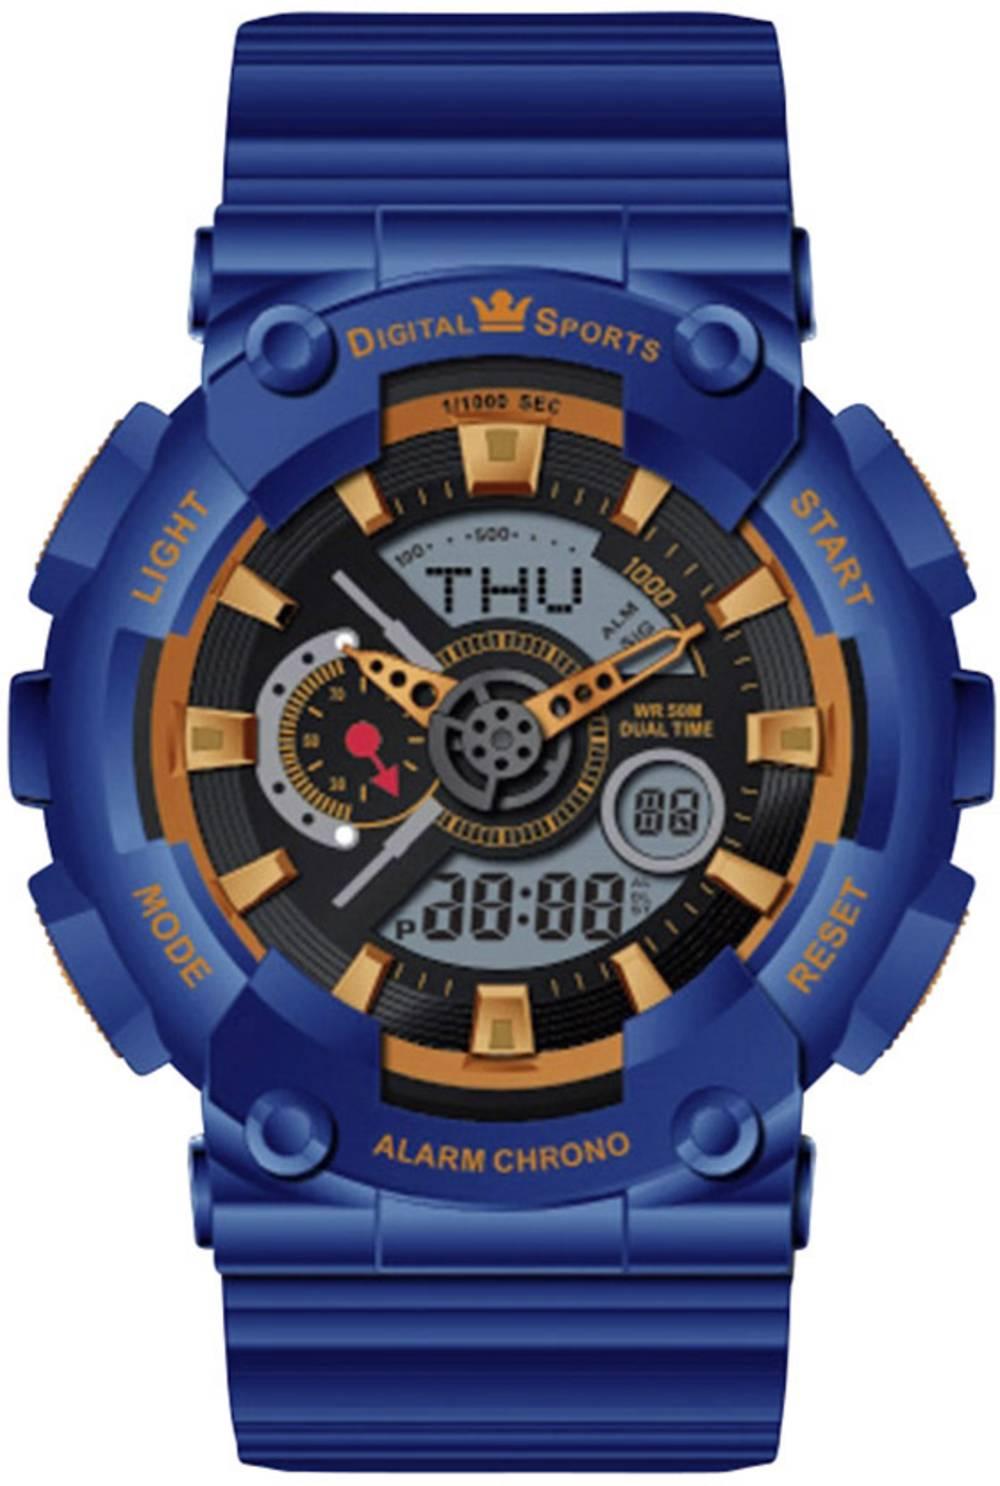 44515/07 Ročna ura, modra materijal ohišja=plastika materijal paščka=plastika